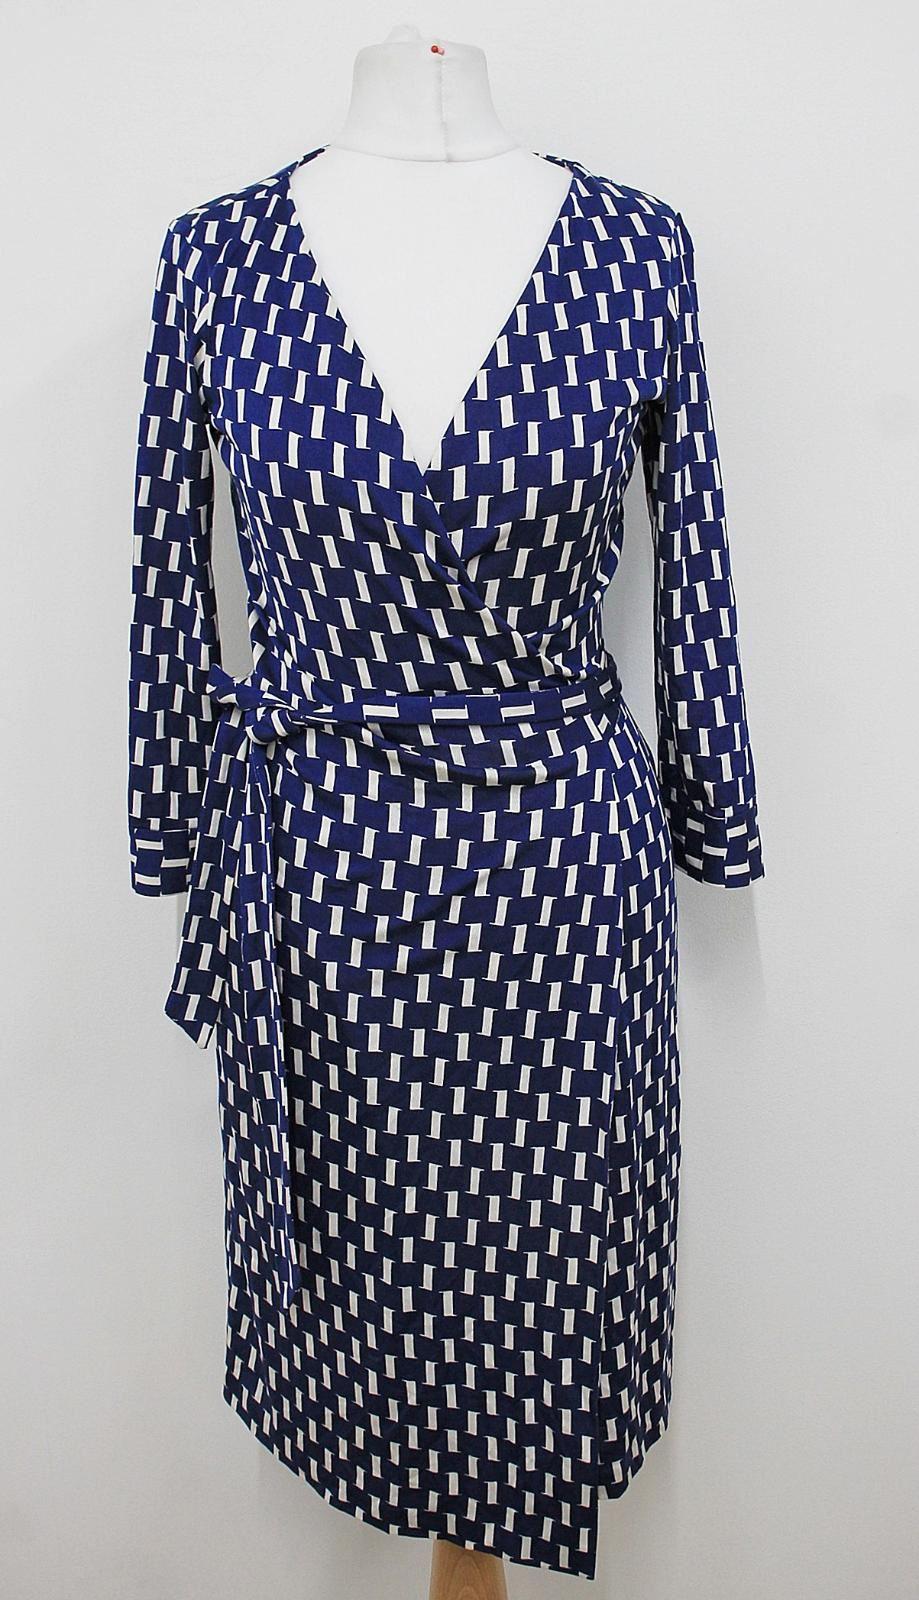 DIANE-VON-FURSTENBERG-Ladies-Navy-Blue-White-Print-Silk-Wrap-Dress-US0-UK4